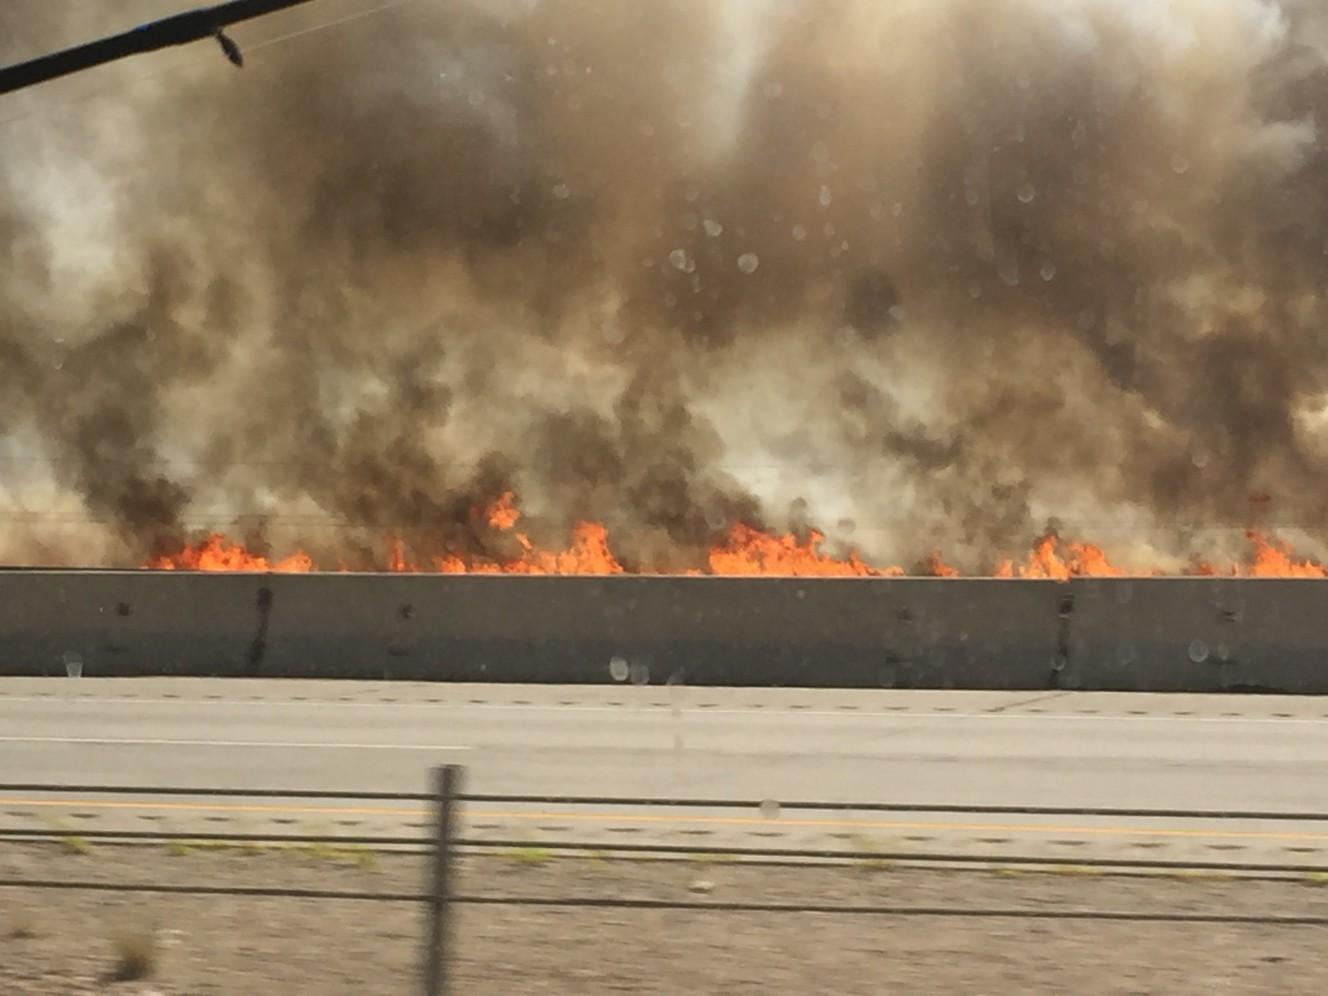 Fire closes EB I-84 in Morgan County